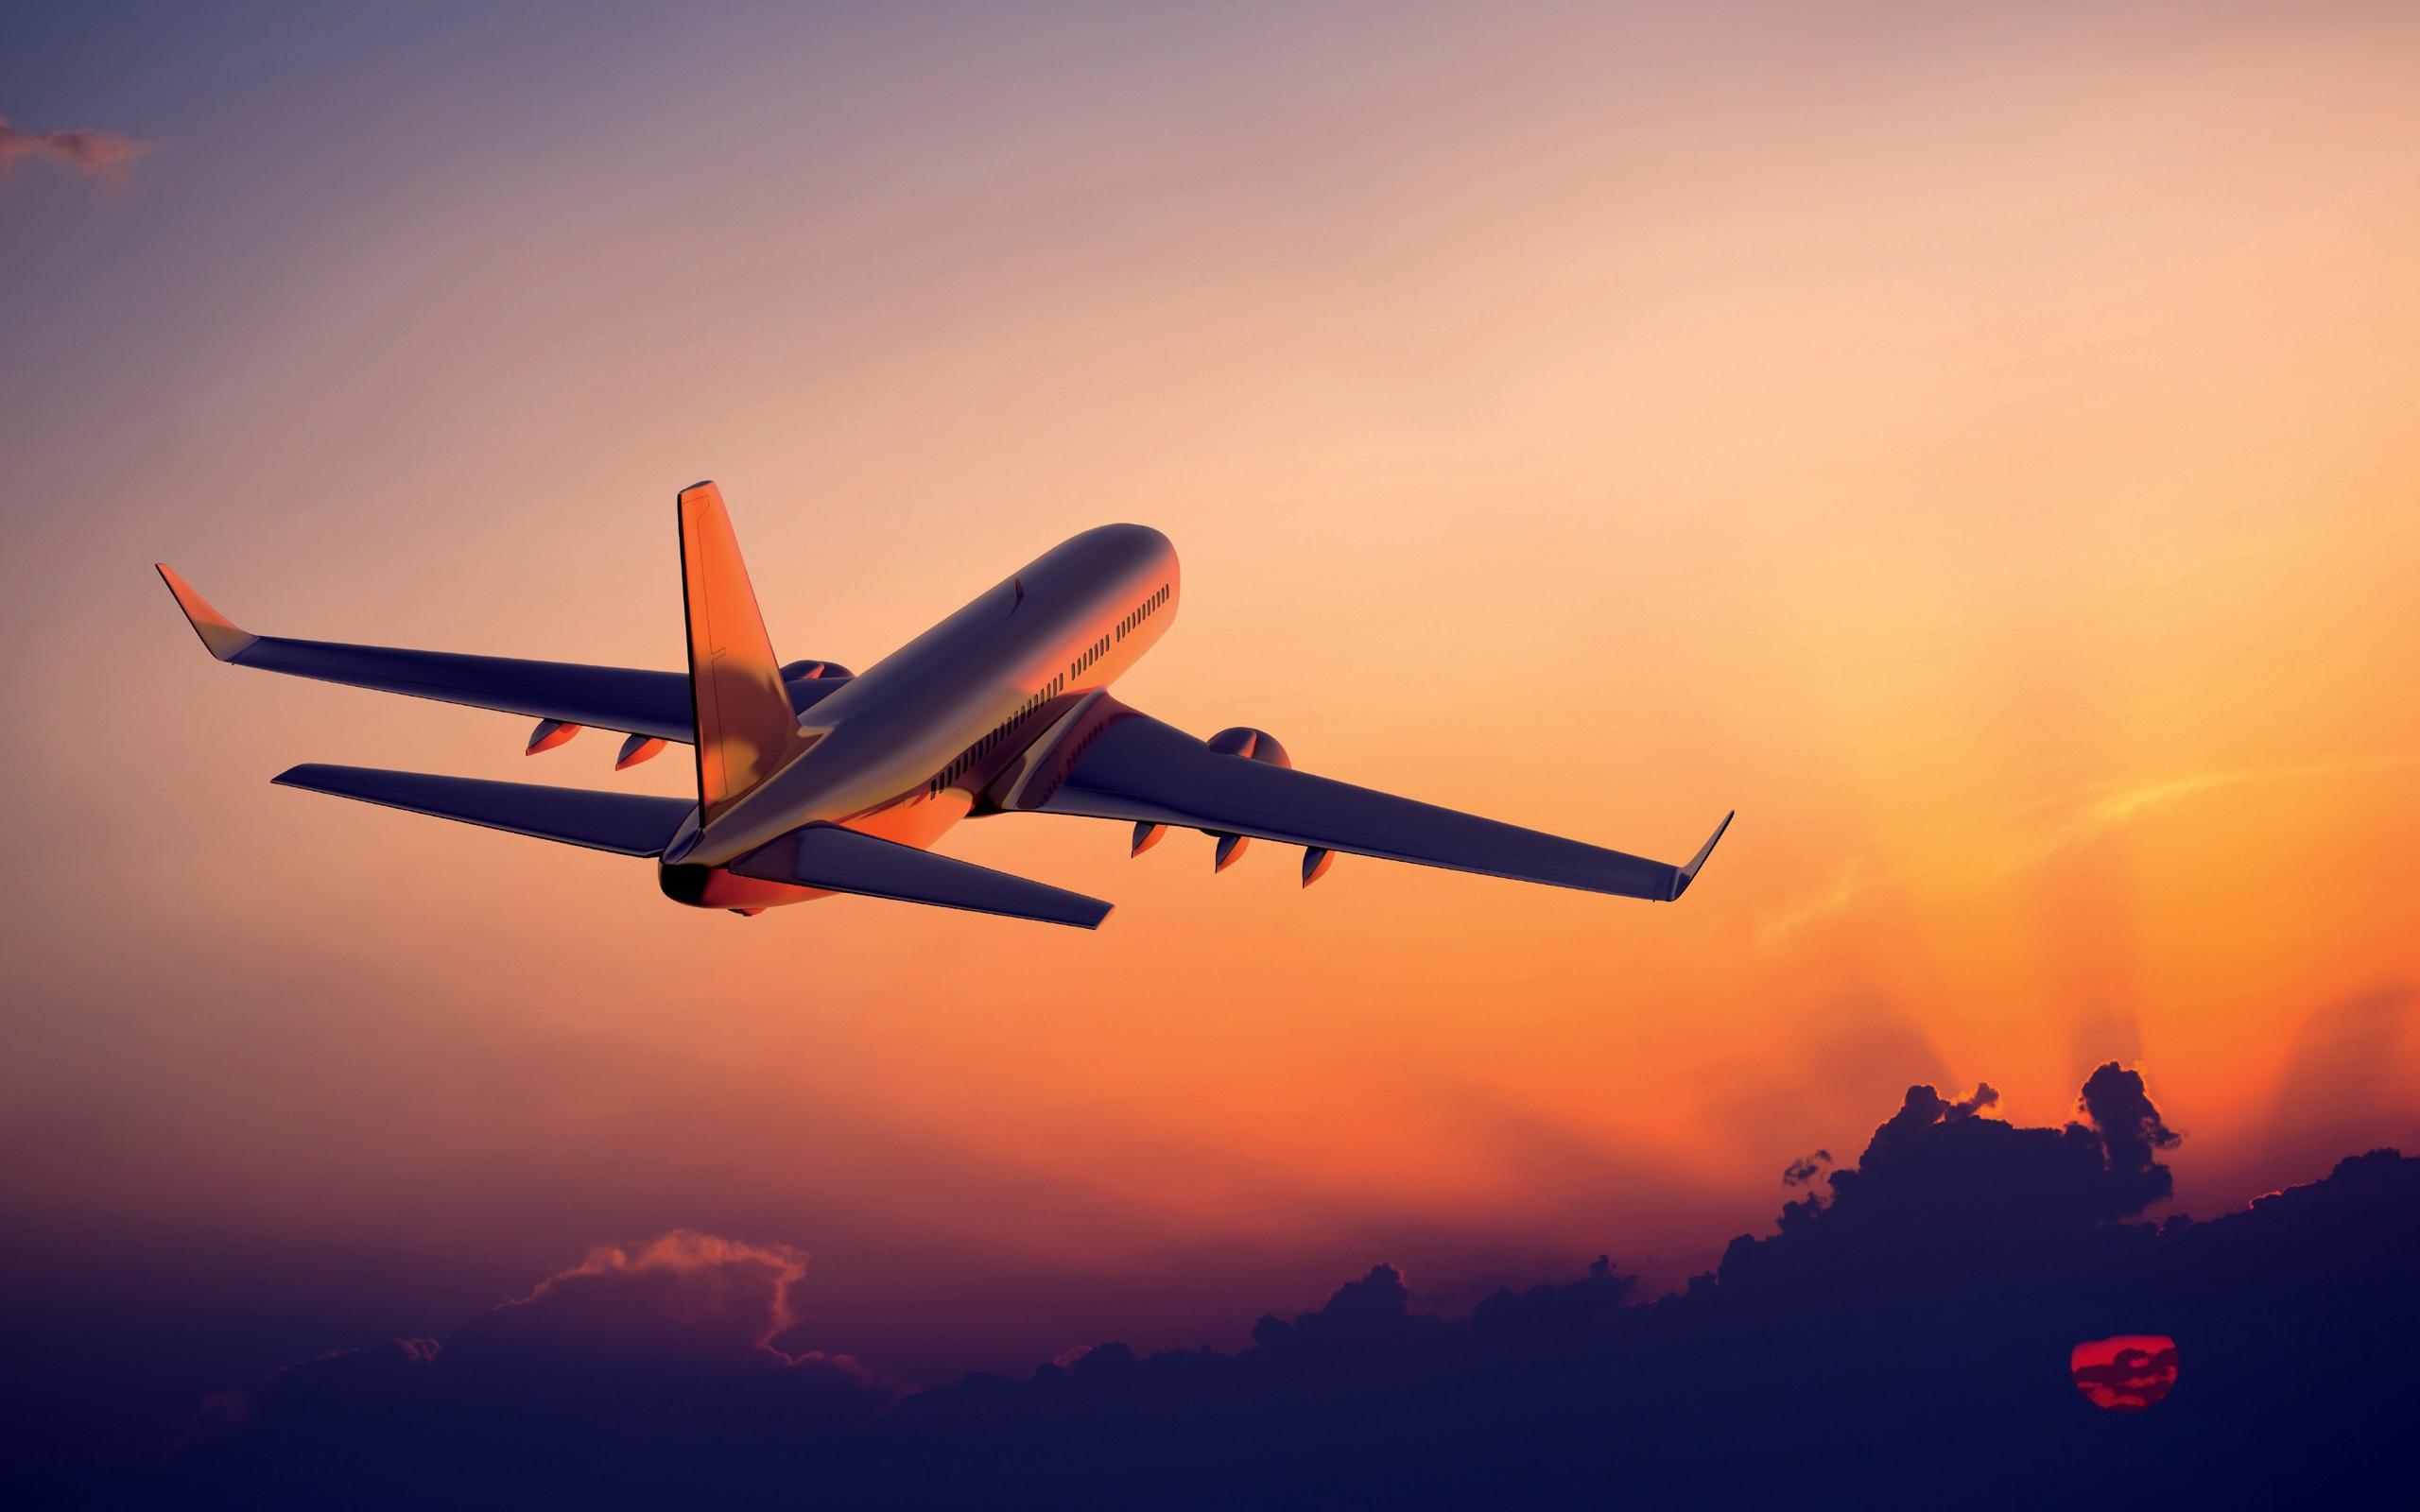 transporte aéreo, empresas do setor transporte aéreo, empresas do segmento transporte aéreo, setor transporte aéreo, segmento transporte aéreo, economia, macroeconomia